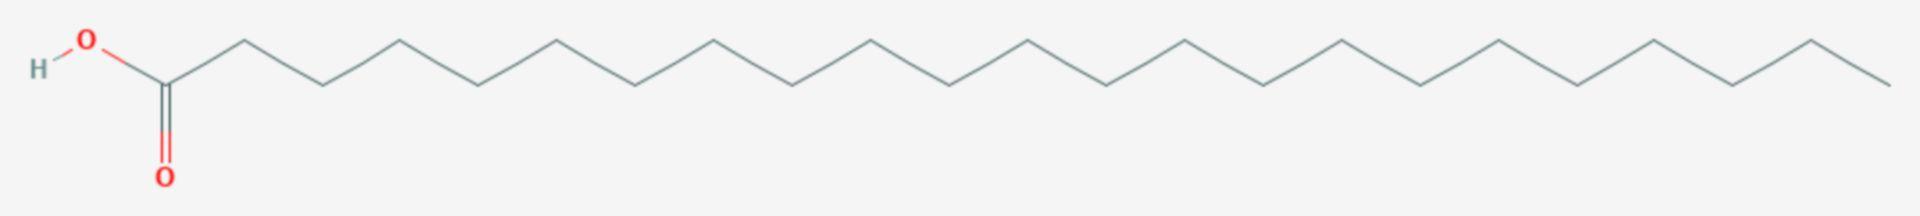 Tricosansäure (Strukturformel)